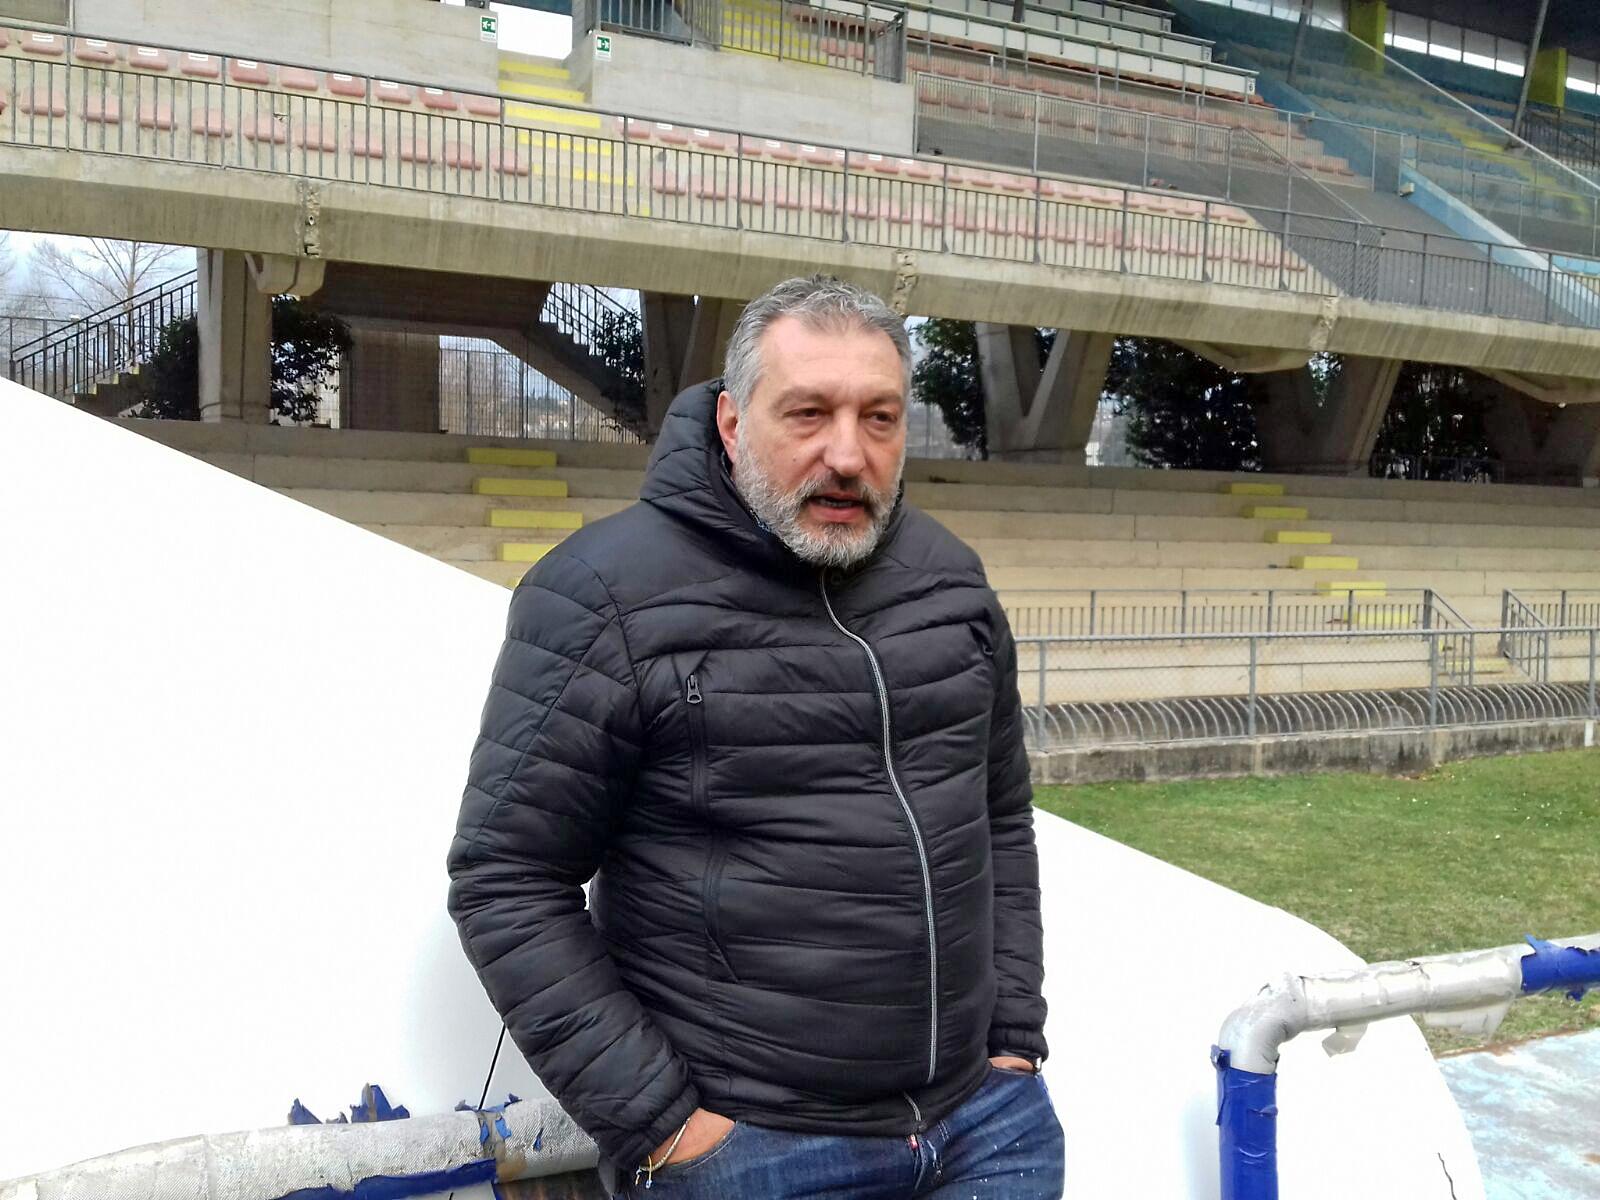 Ufficiale: Claudio Buono non è più il dg dei Lupi